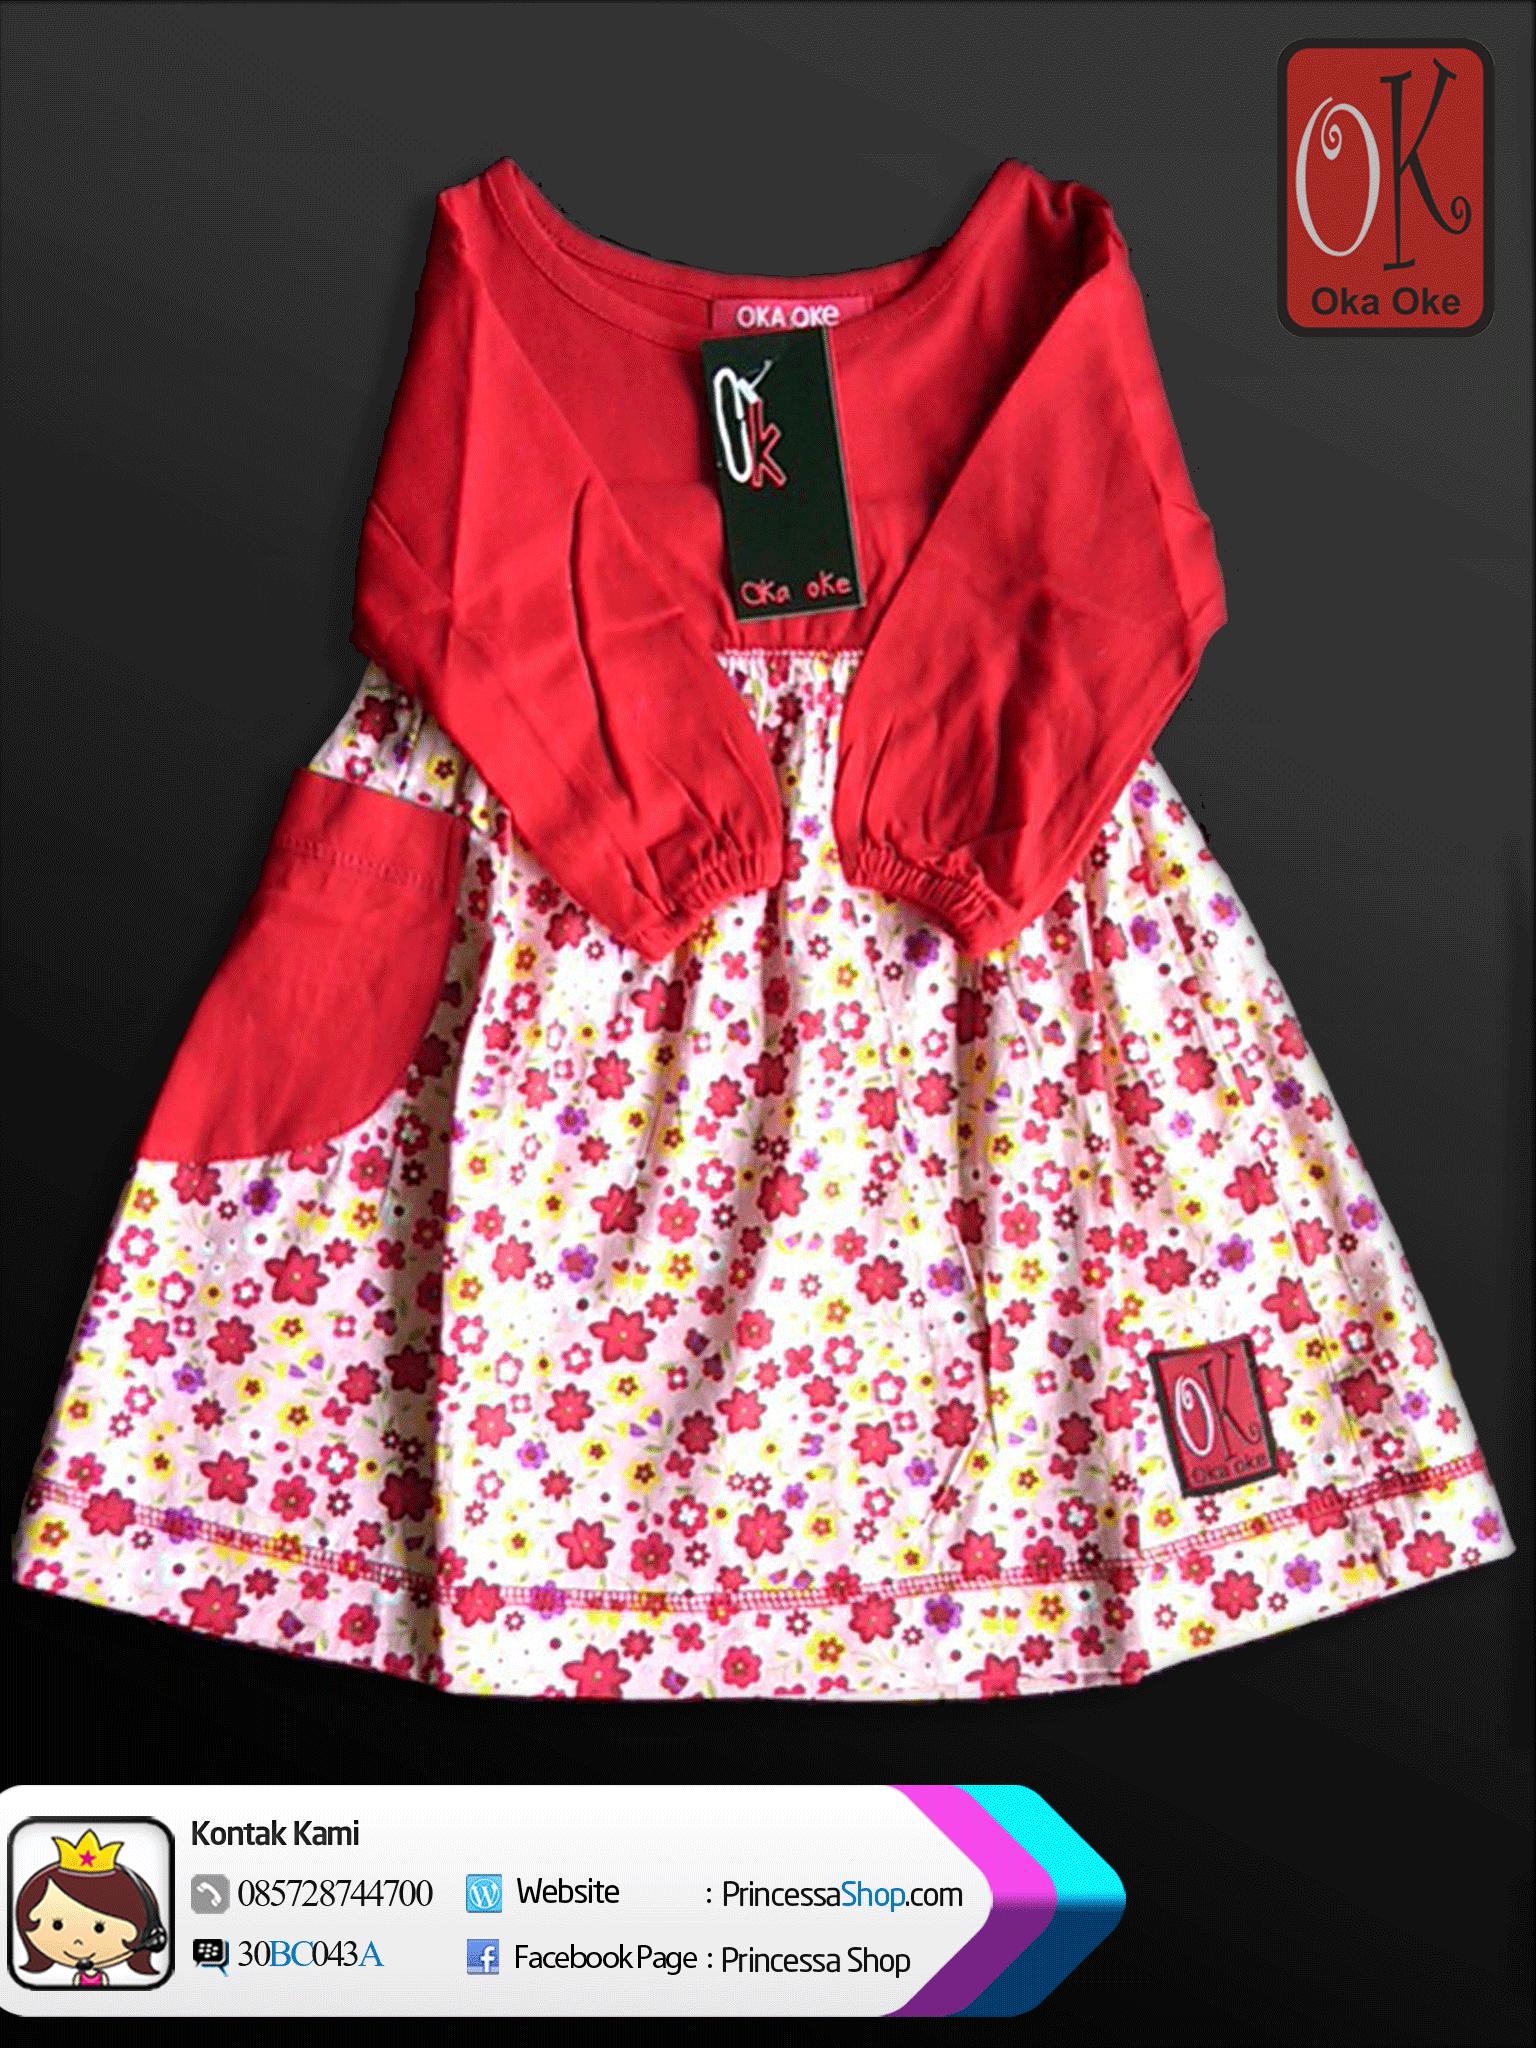 Baju Gamis Muslim Oka Oke Untuk Anak Perempuan Umur 1 2 Tahun Kids Dress Summer Dresses Fashion